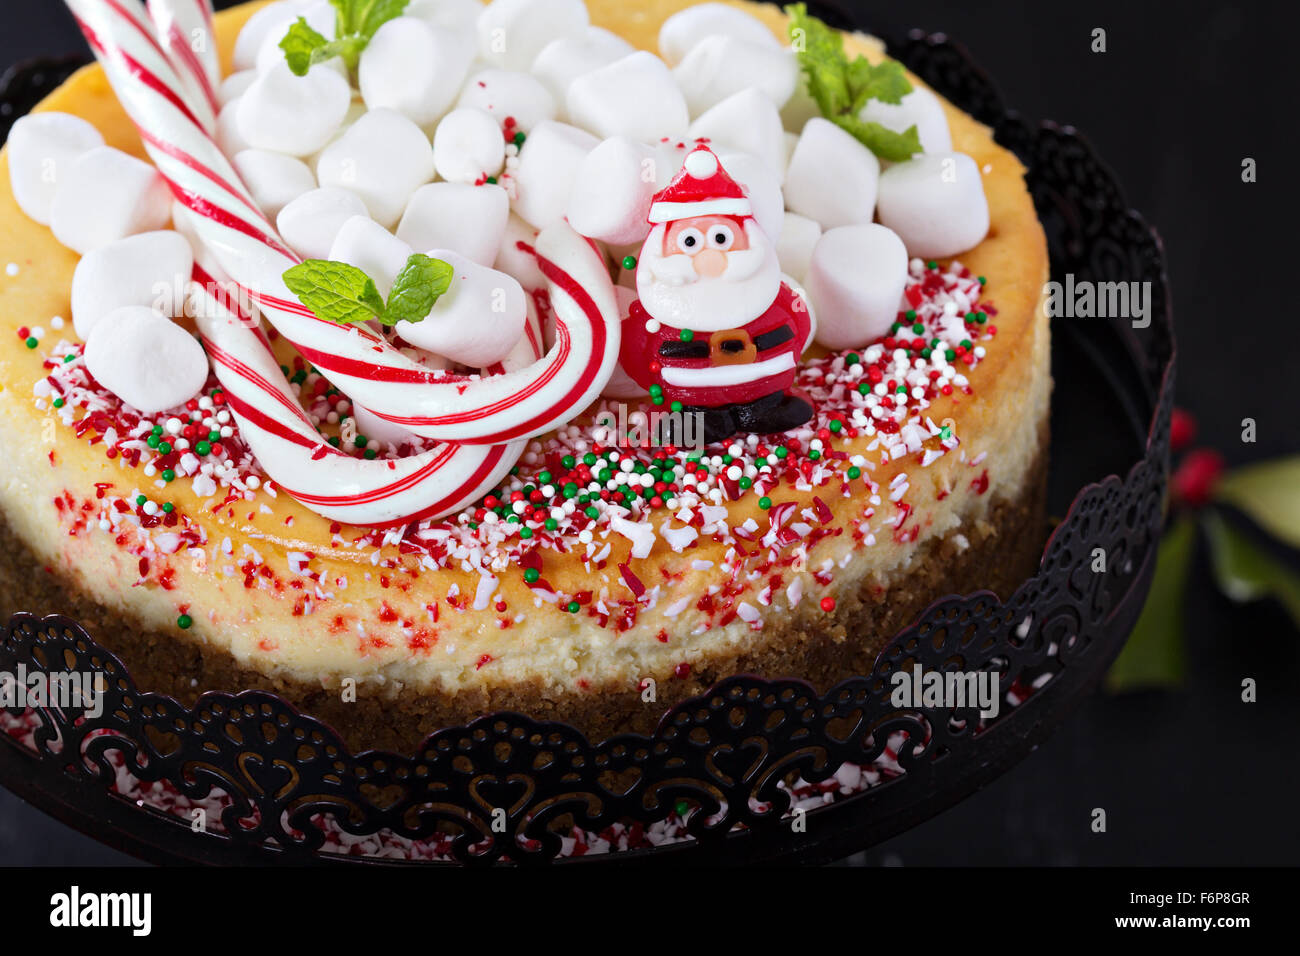 Käsekuchen NewYork festlich dekoriert für Weihnachten Stockbild